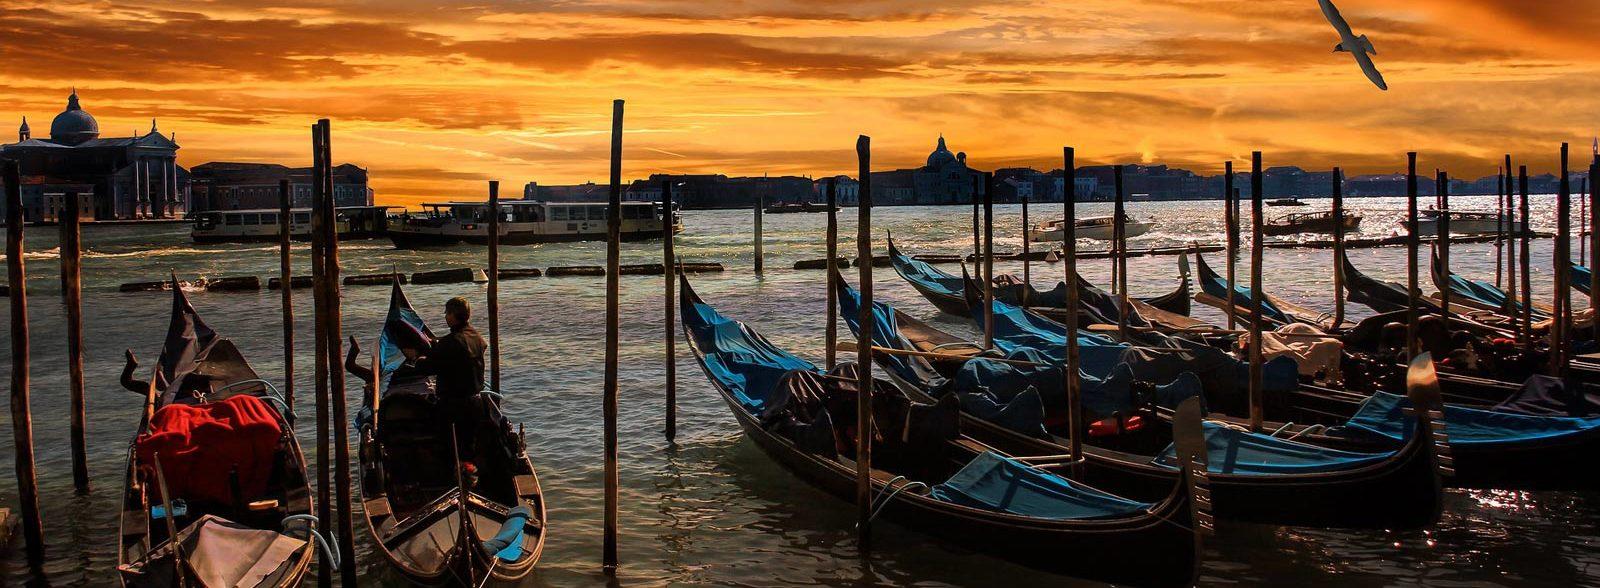 L'alba a Venezia: da dove ammirare il risveglio della laguna